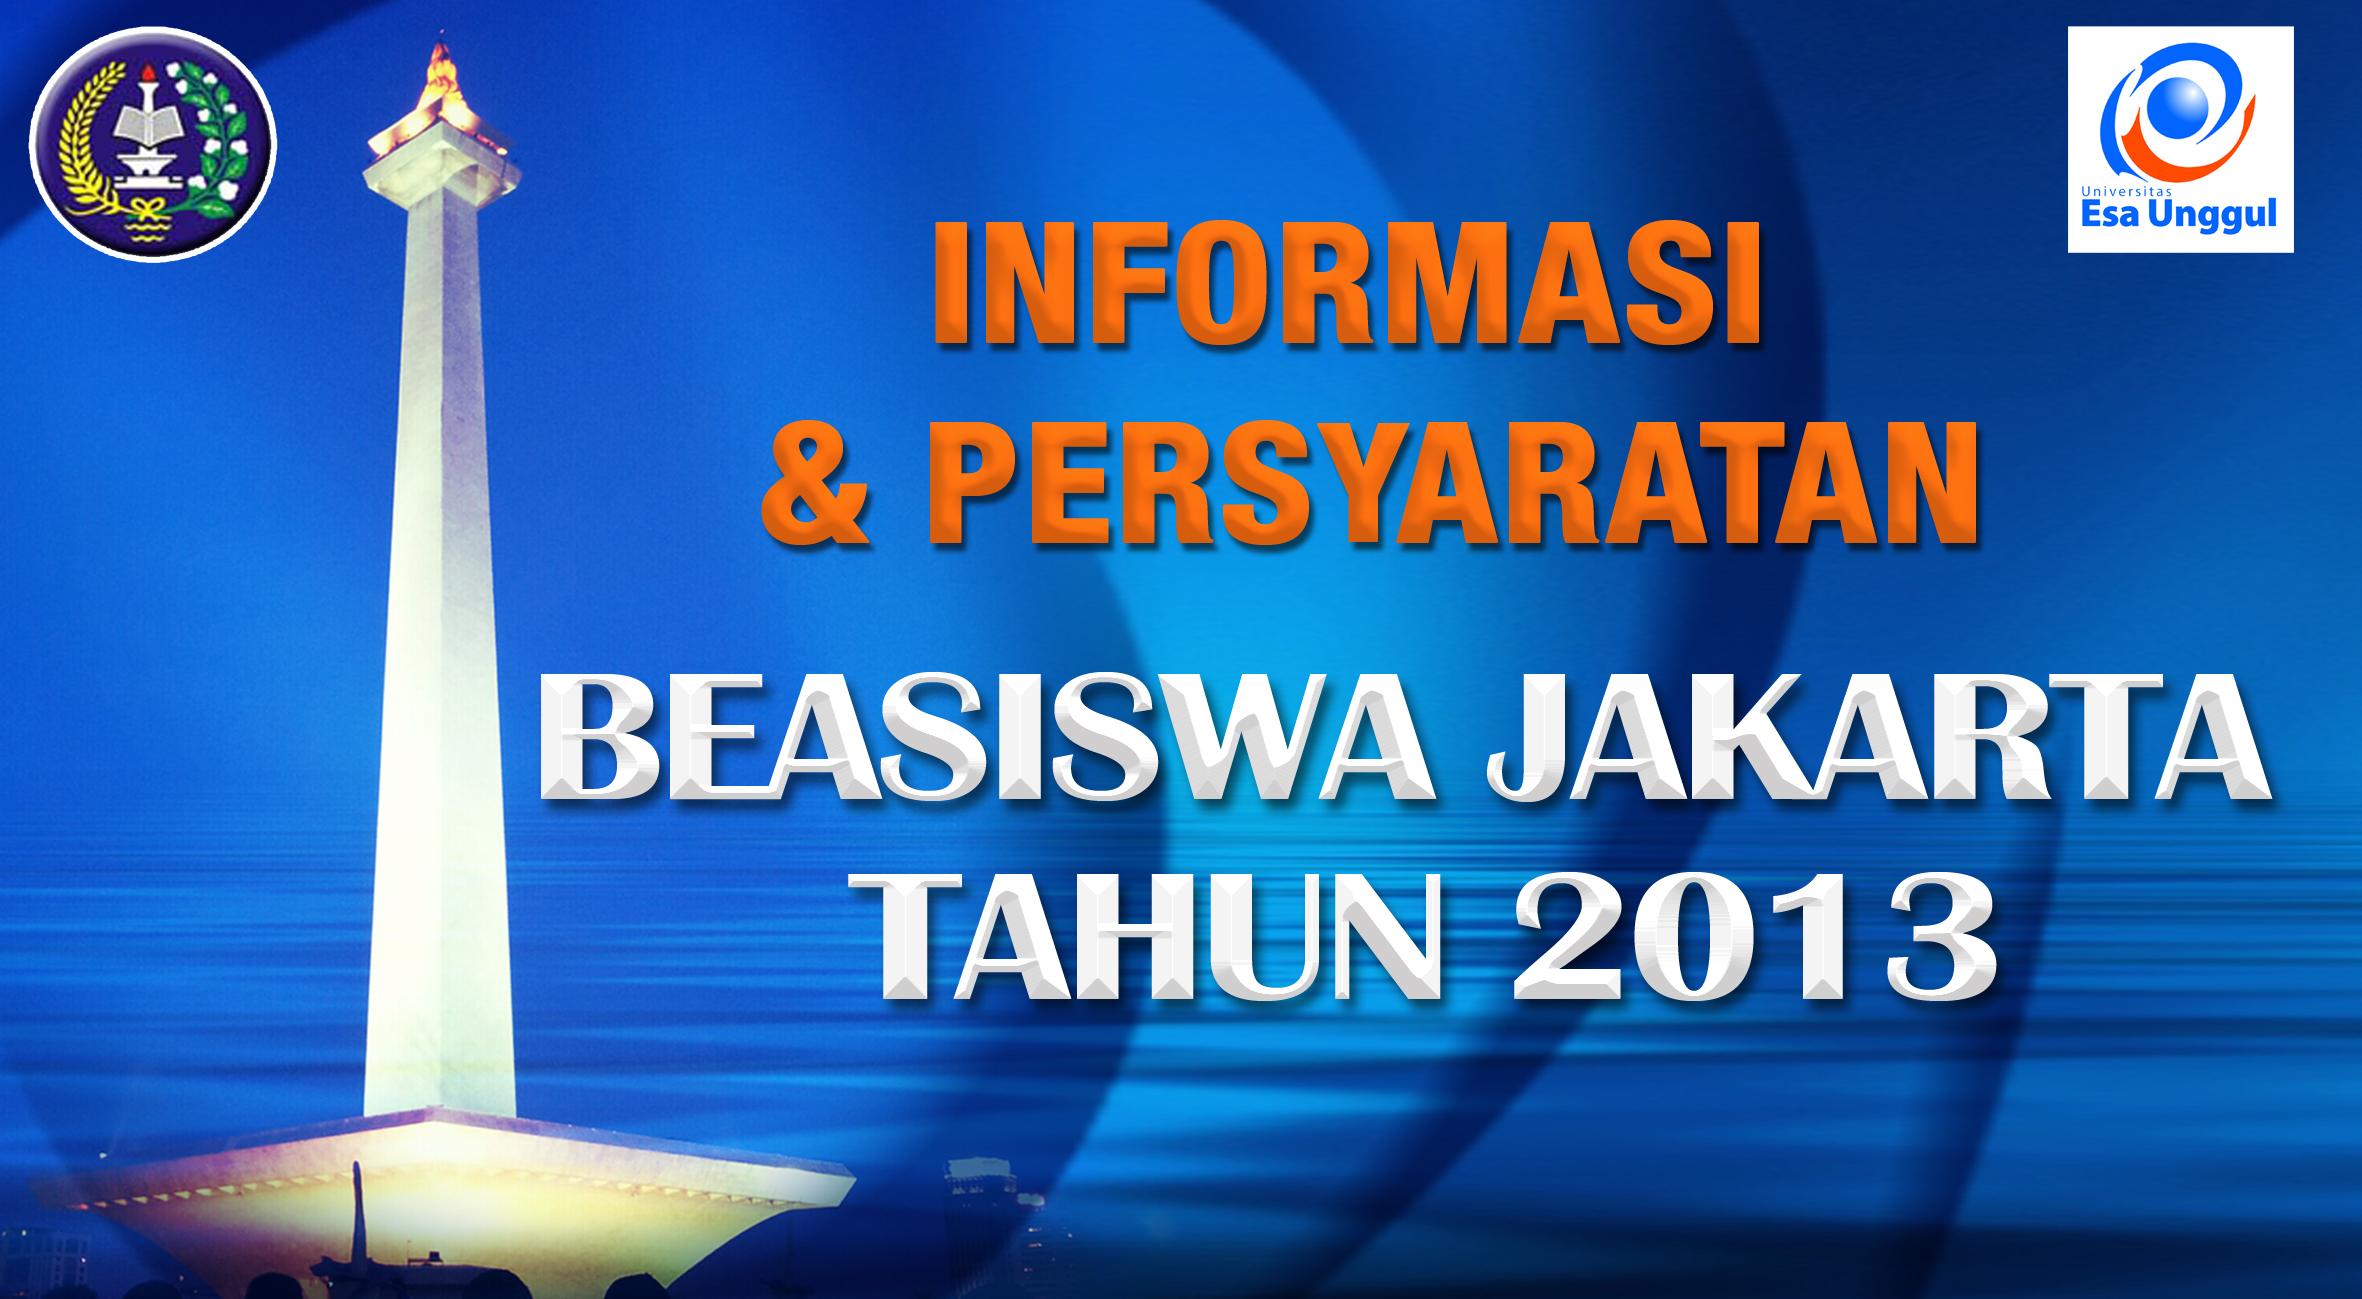 Informasi dan Persyaratan Beasiswa Jakarta 2013 –  Yayasan Beasiswa Jakarta dan Kopertis Wilayah III, Jakarta